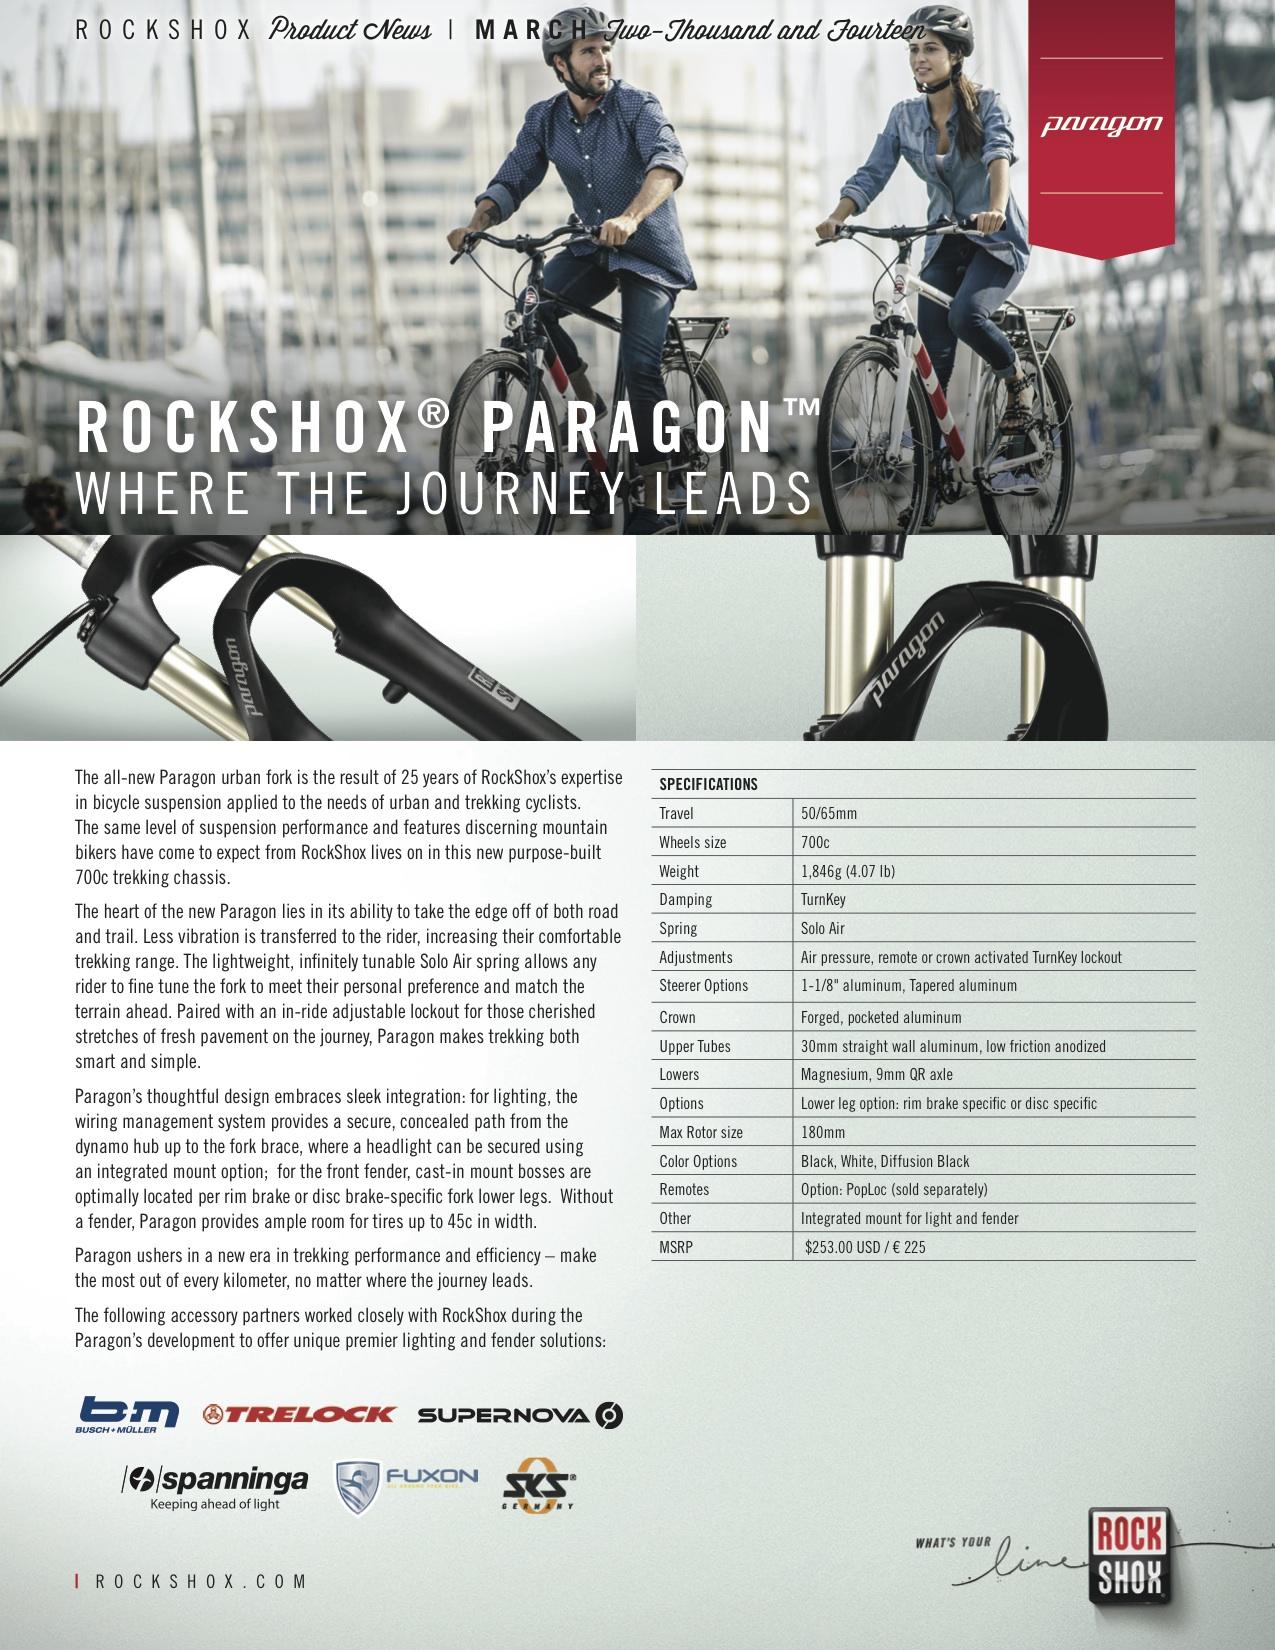 RockShox_PR_Paragon